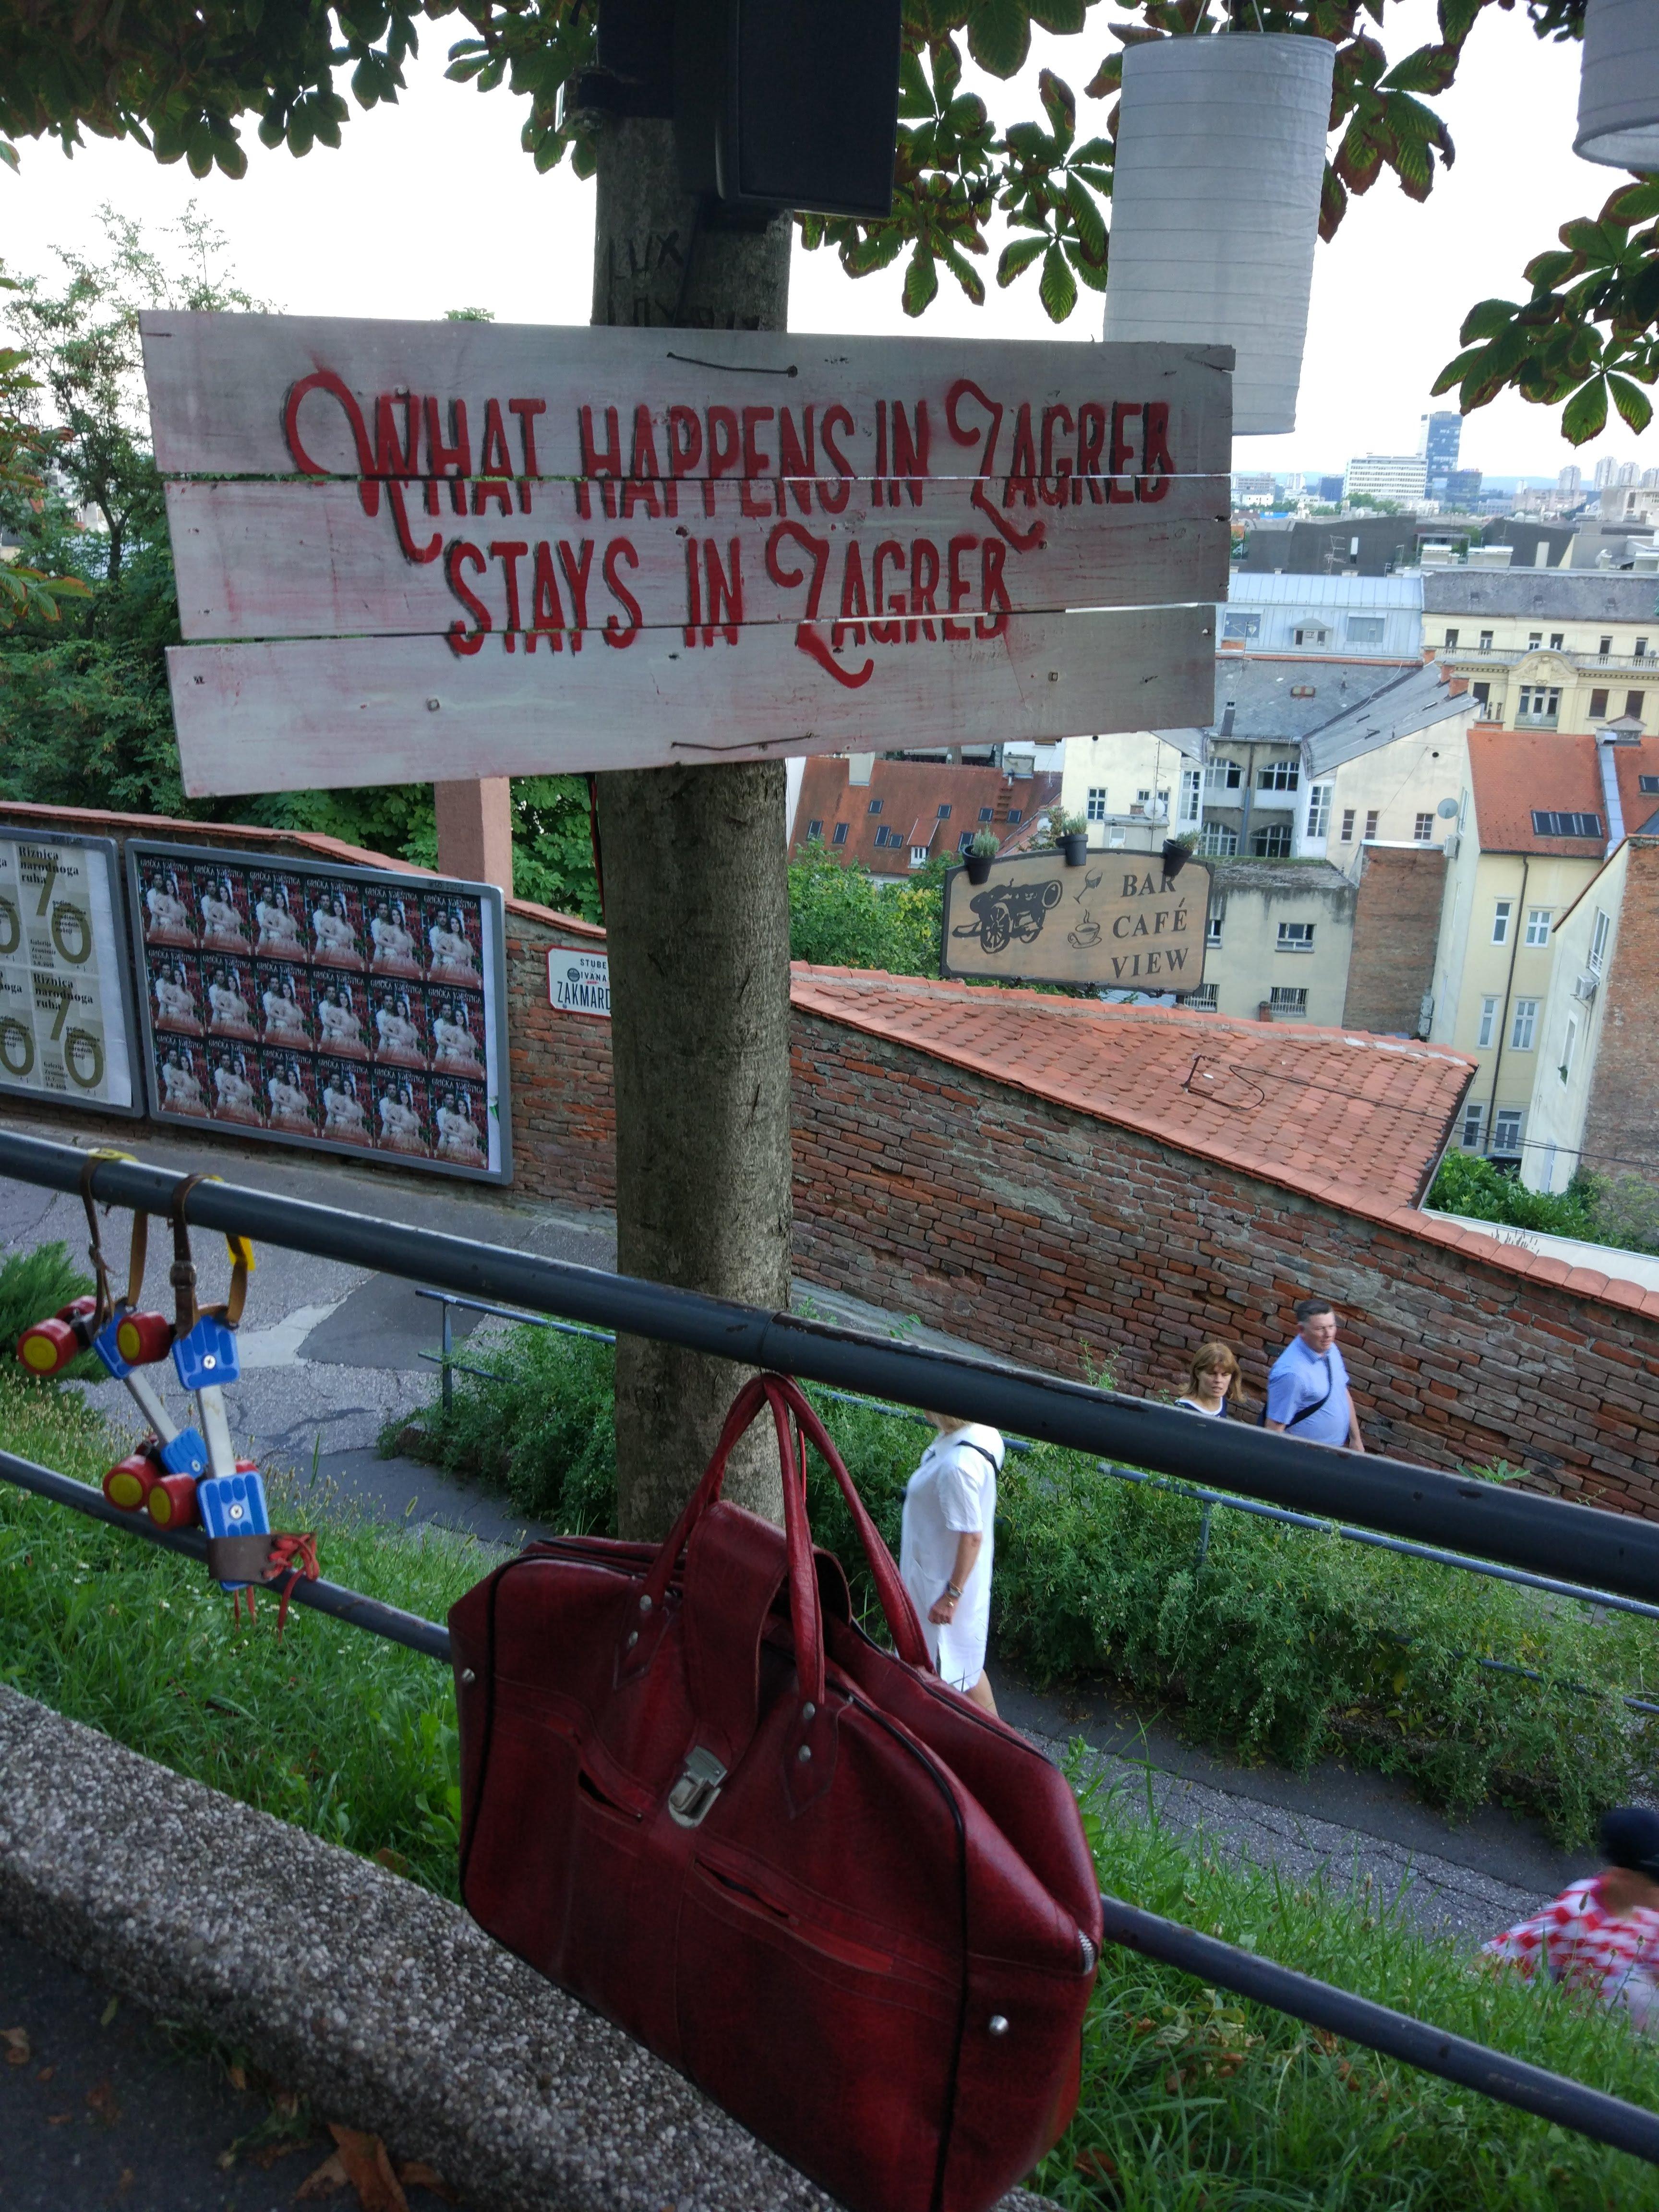 What happens in Zagreb, stays in Zagreb